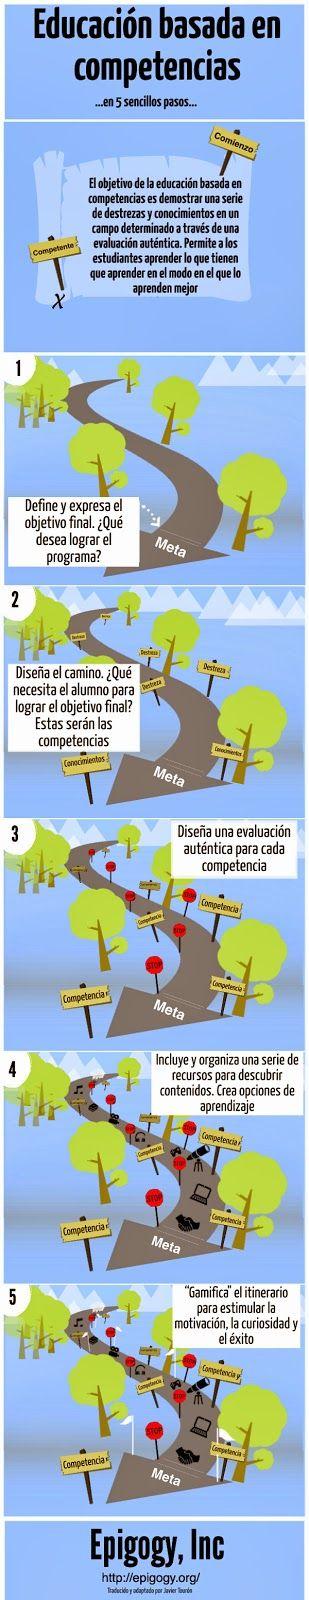 5PasosAbordarEducaciónBasadaCompetencias-Infografía-BlogGesvin